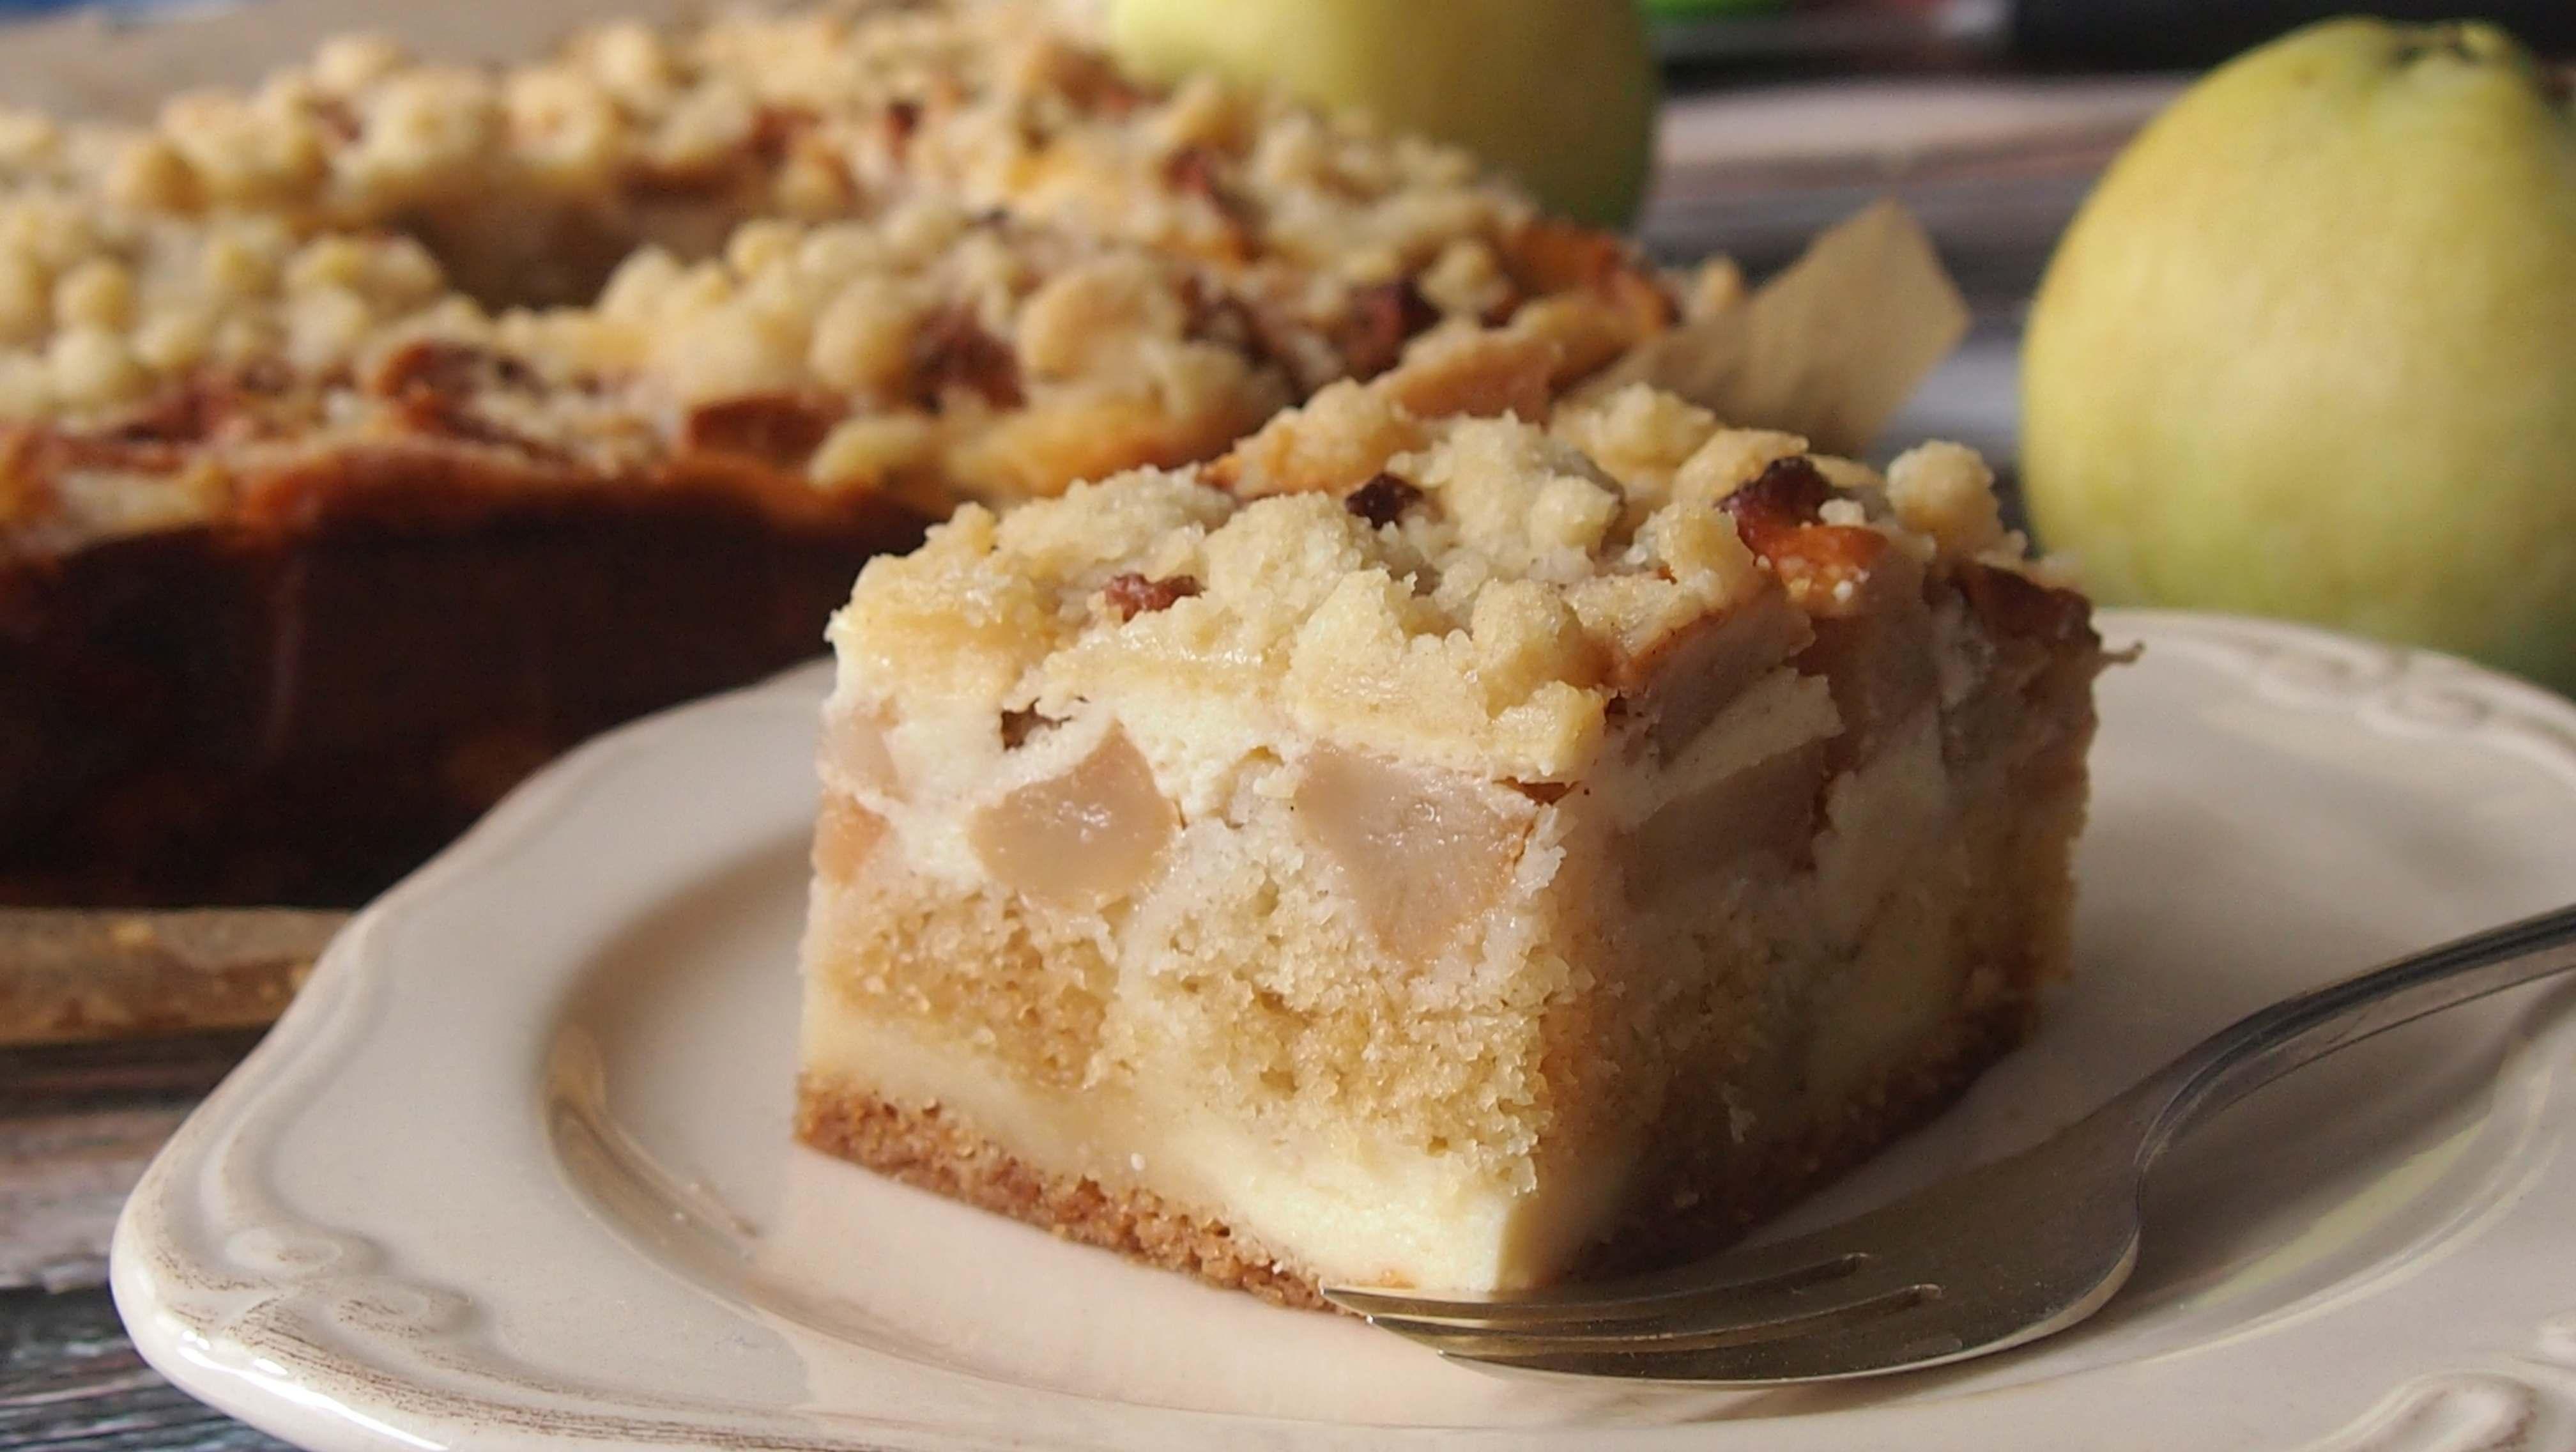 Pyszne ciasto z serem i jabłkami